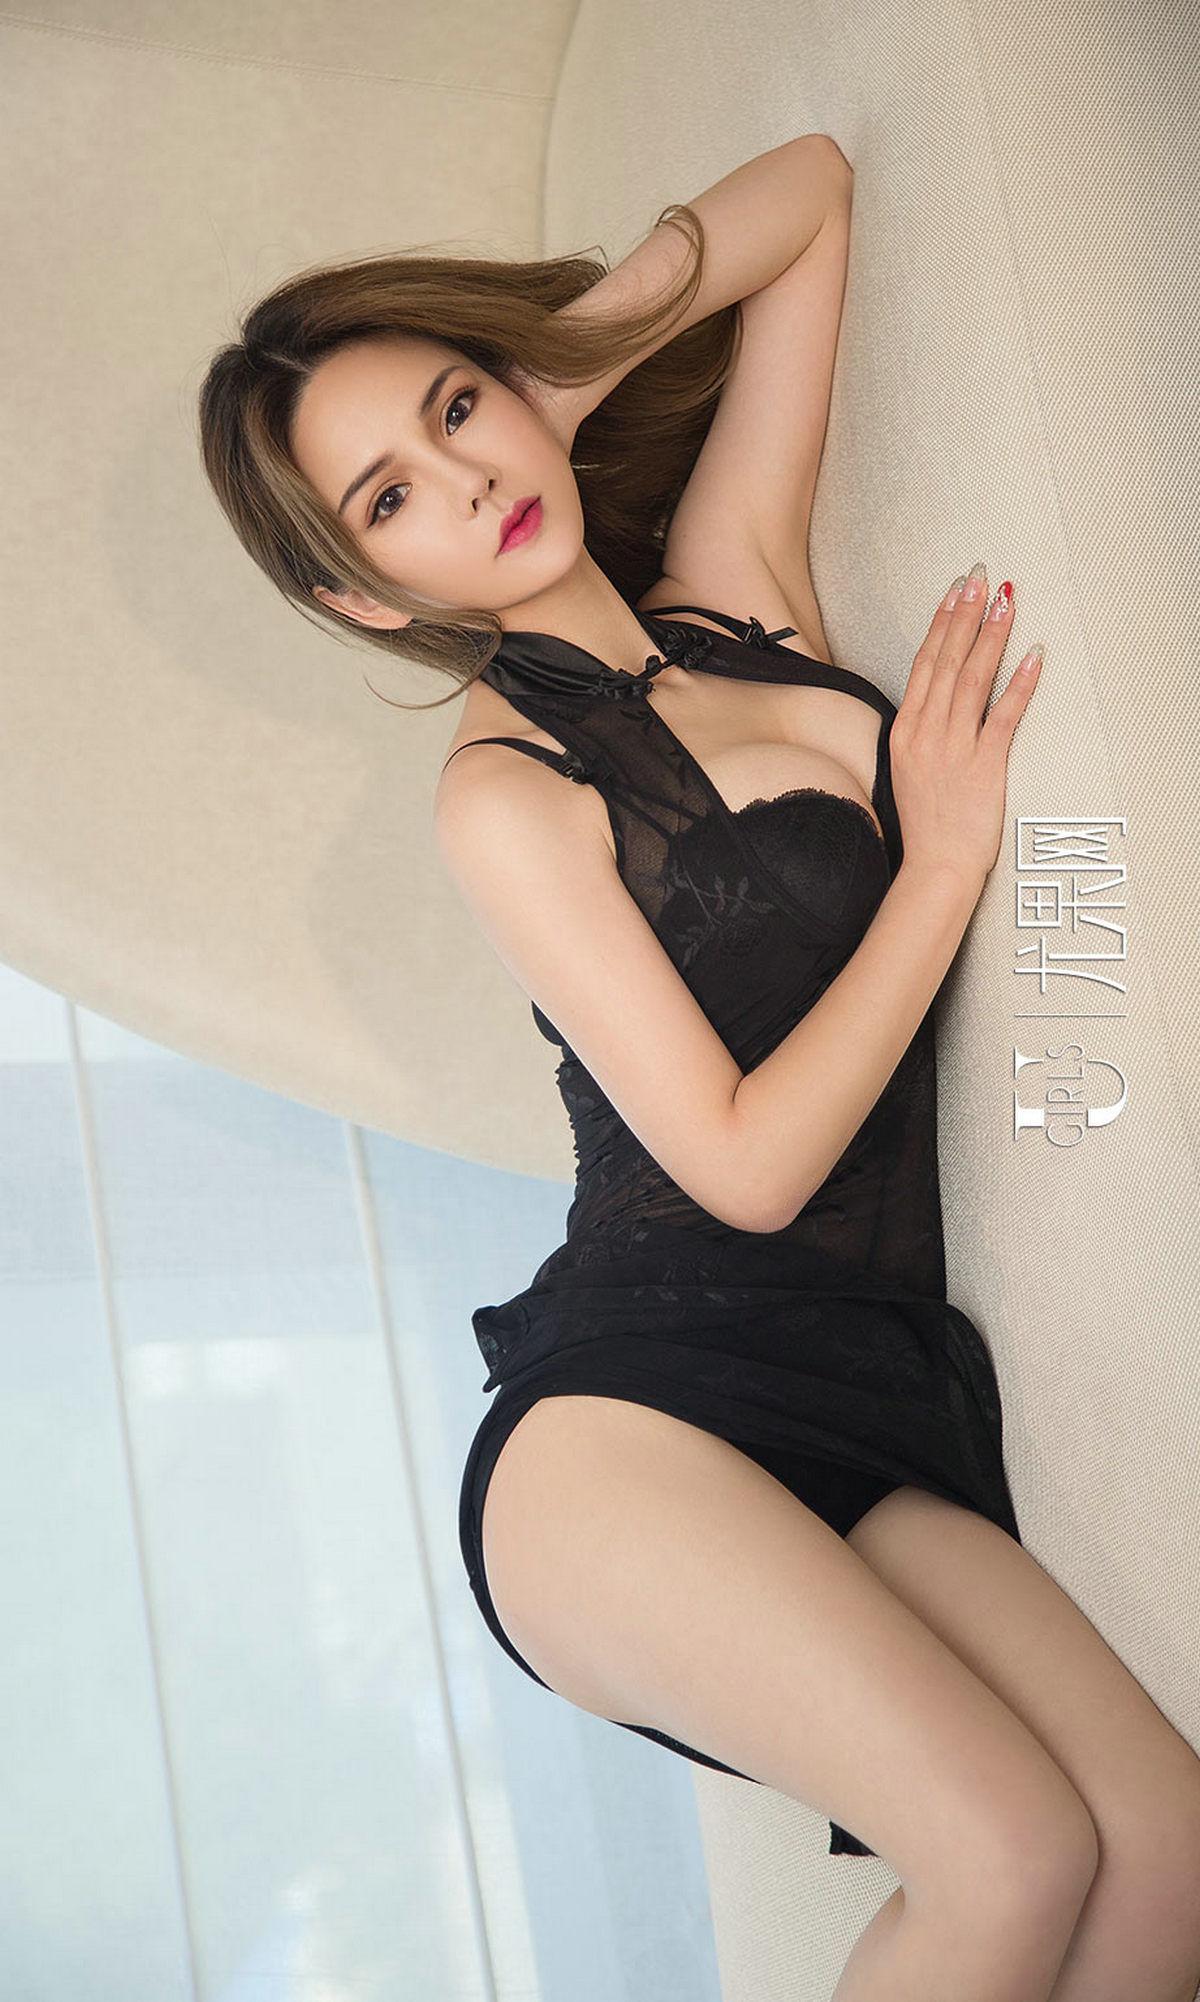 林若熙 - 夏日冰沙 写真套图